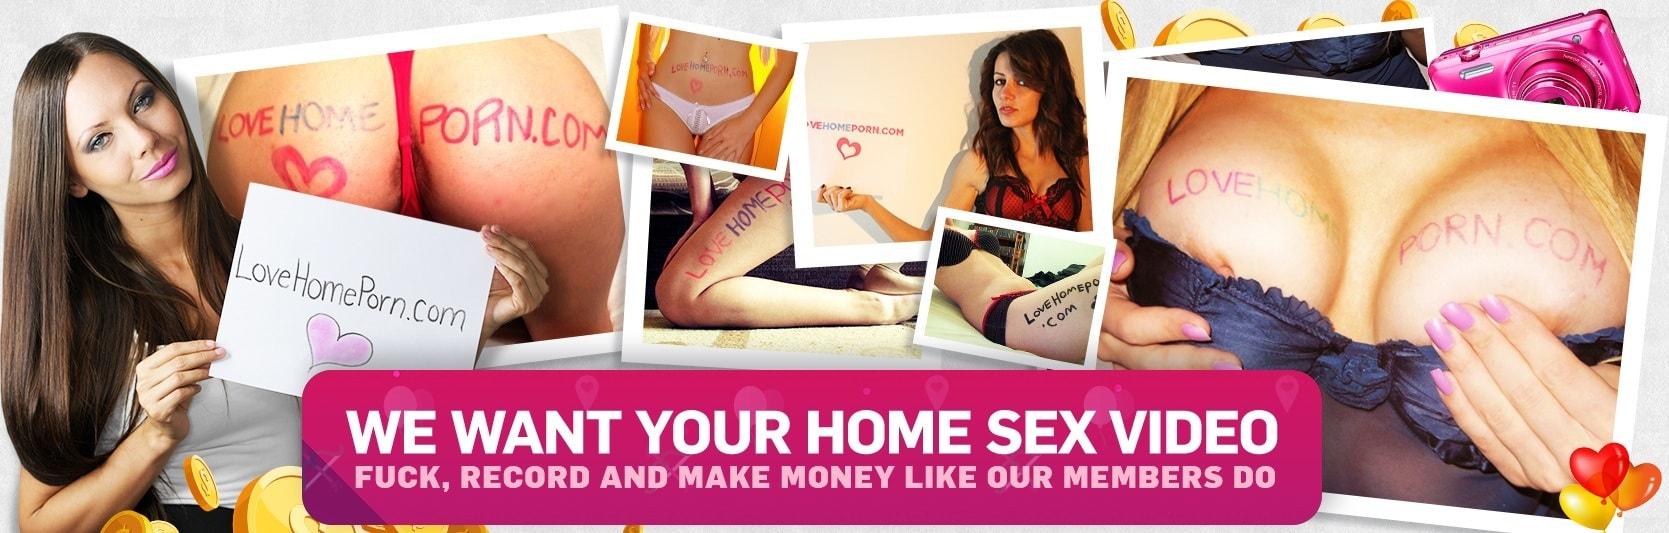 Home porn site